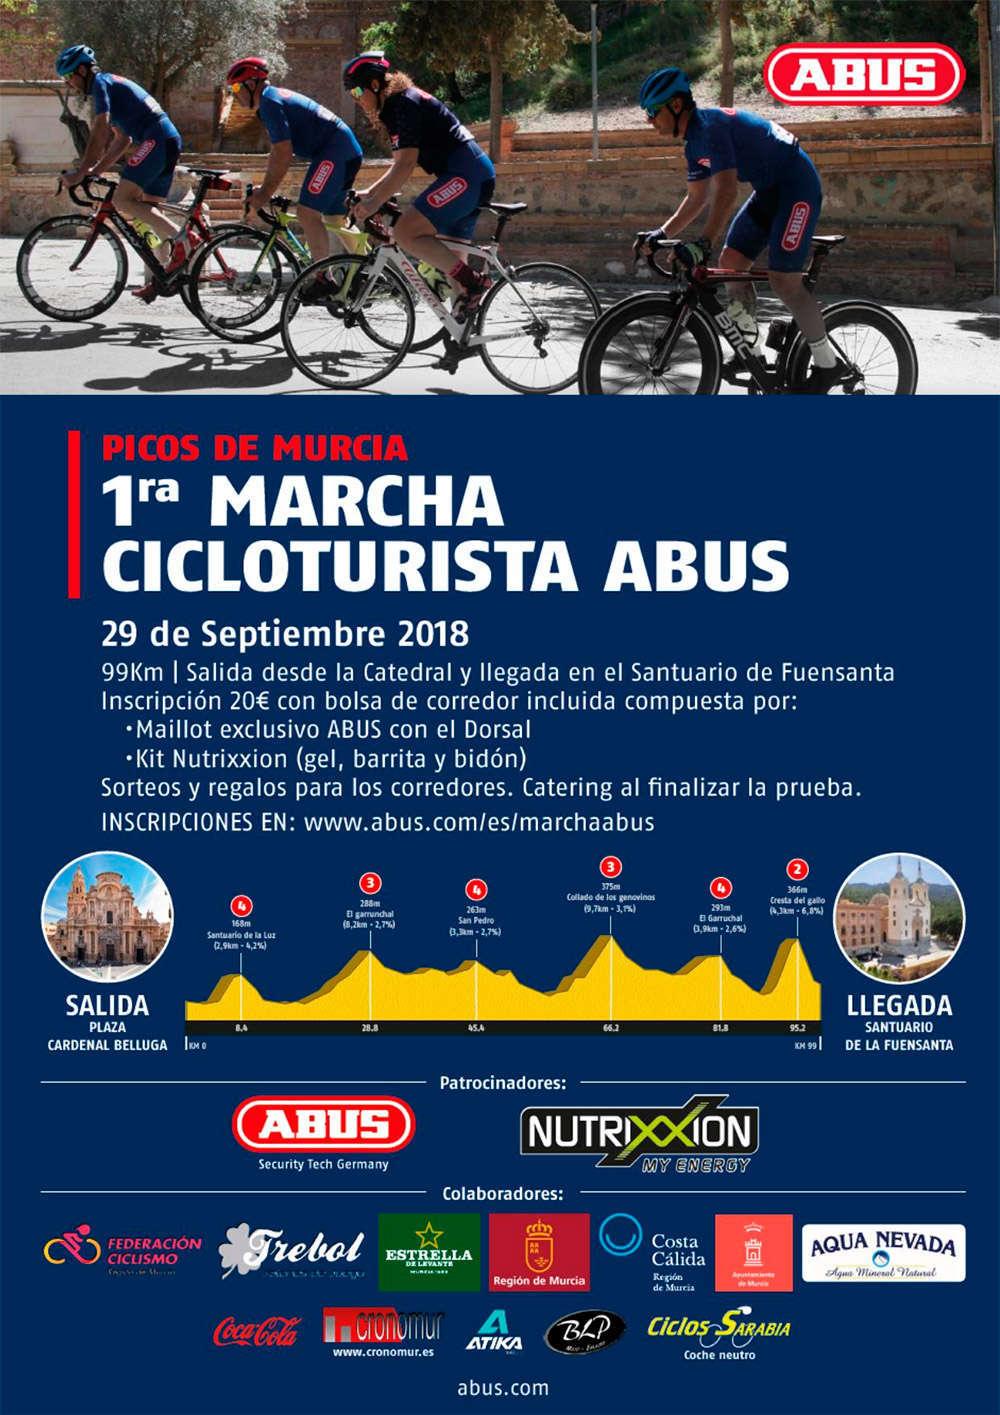 La marcha cicloturista ABUS-Picos de Murcia se estrena en el calendario